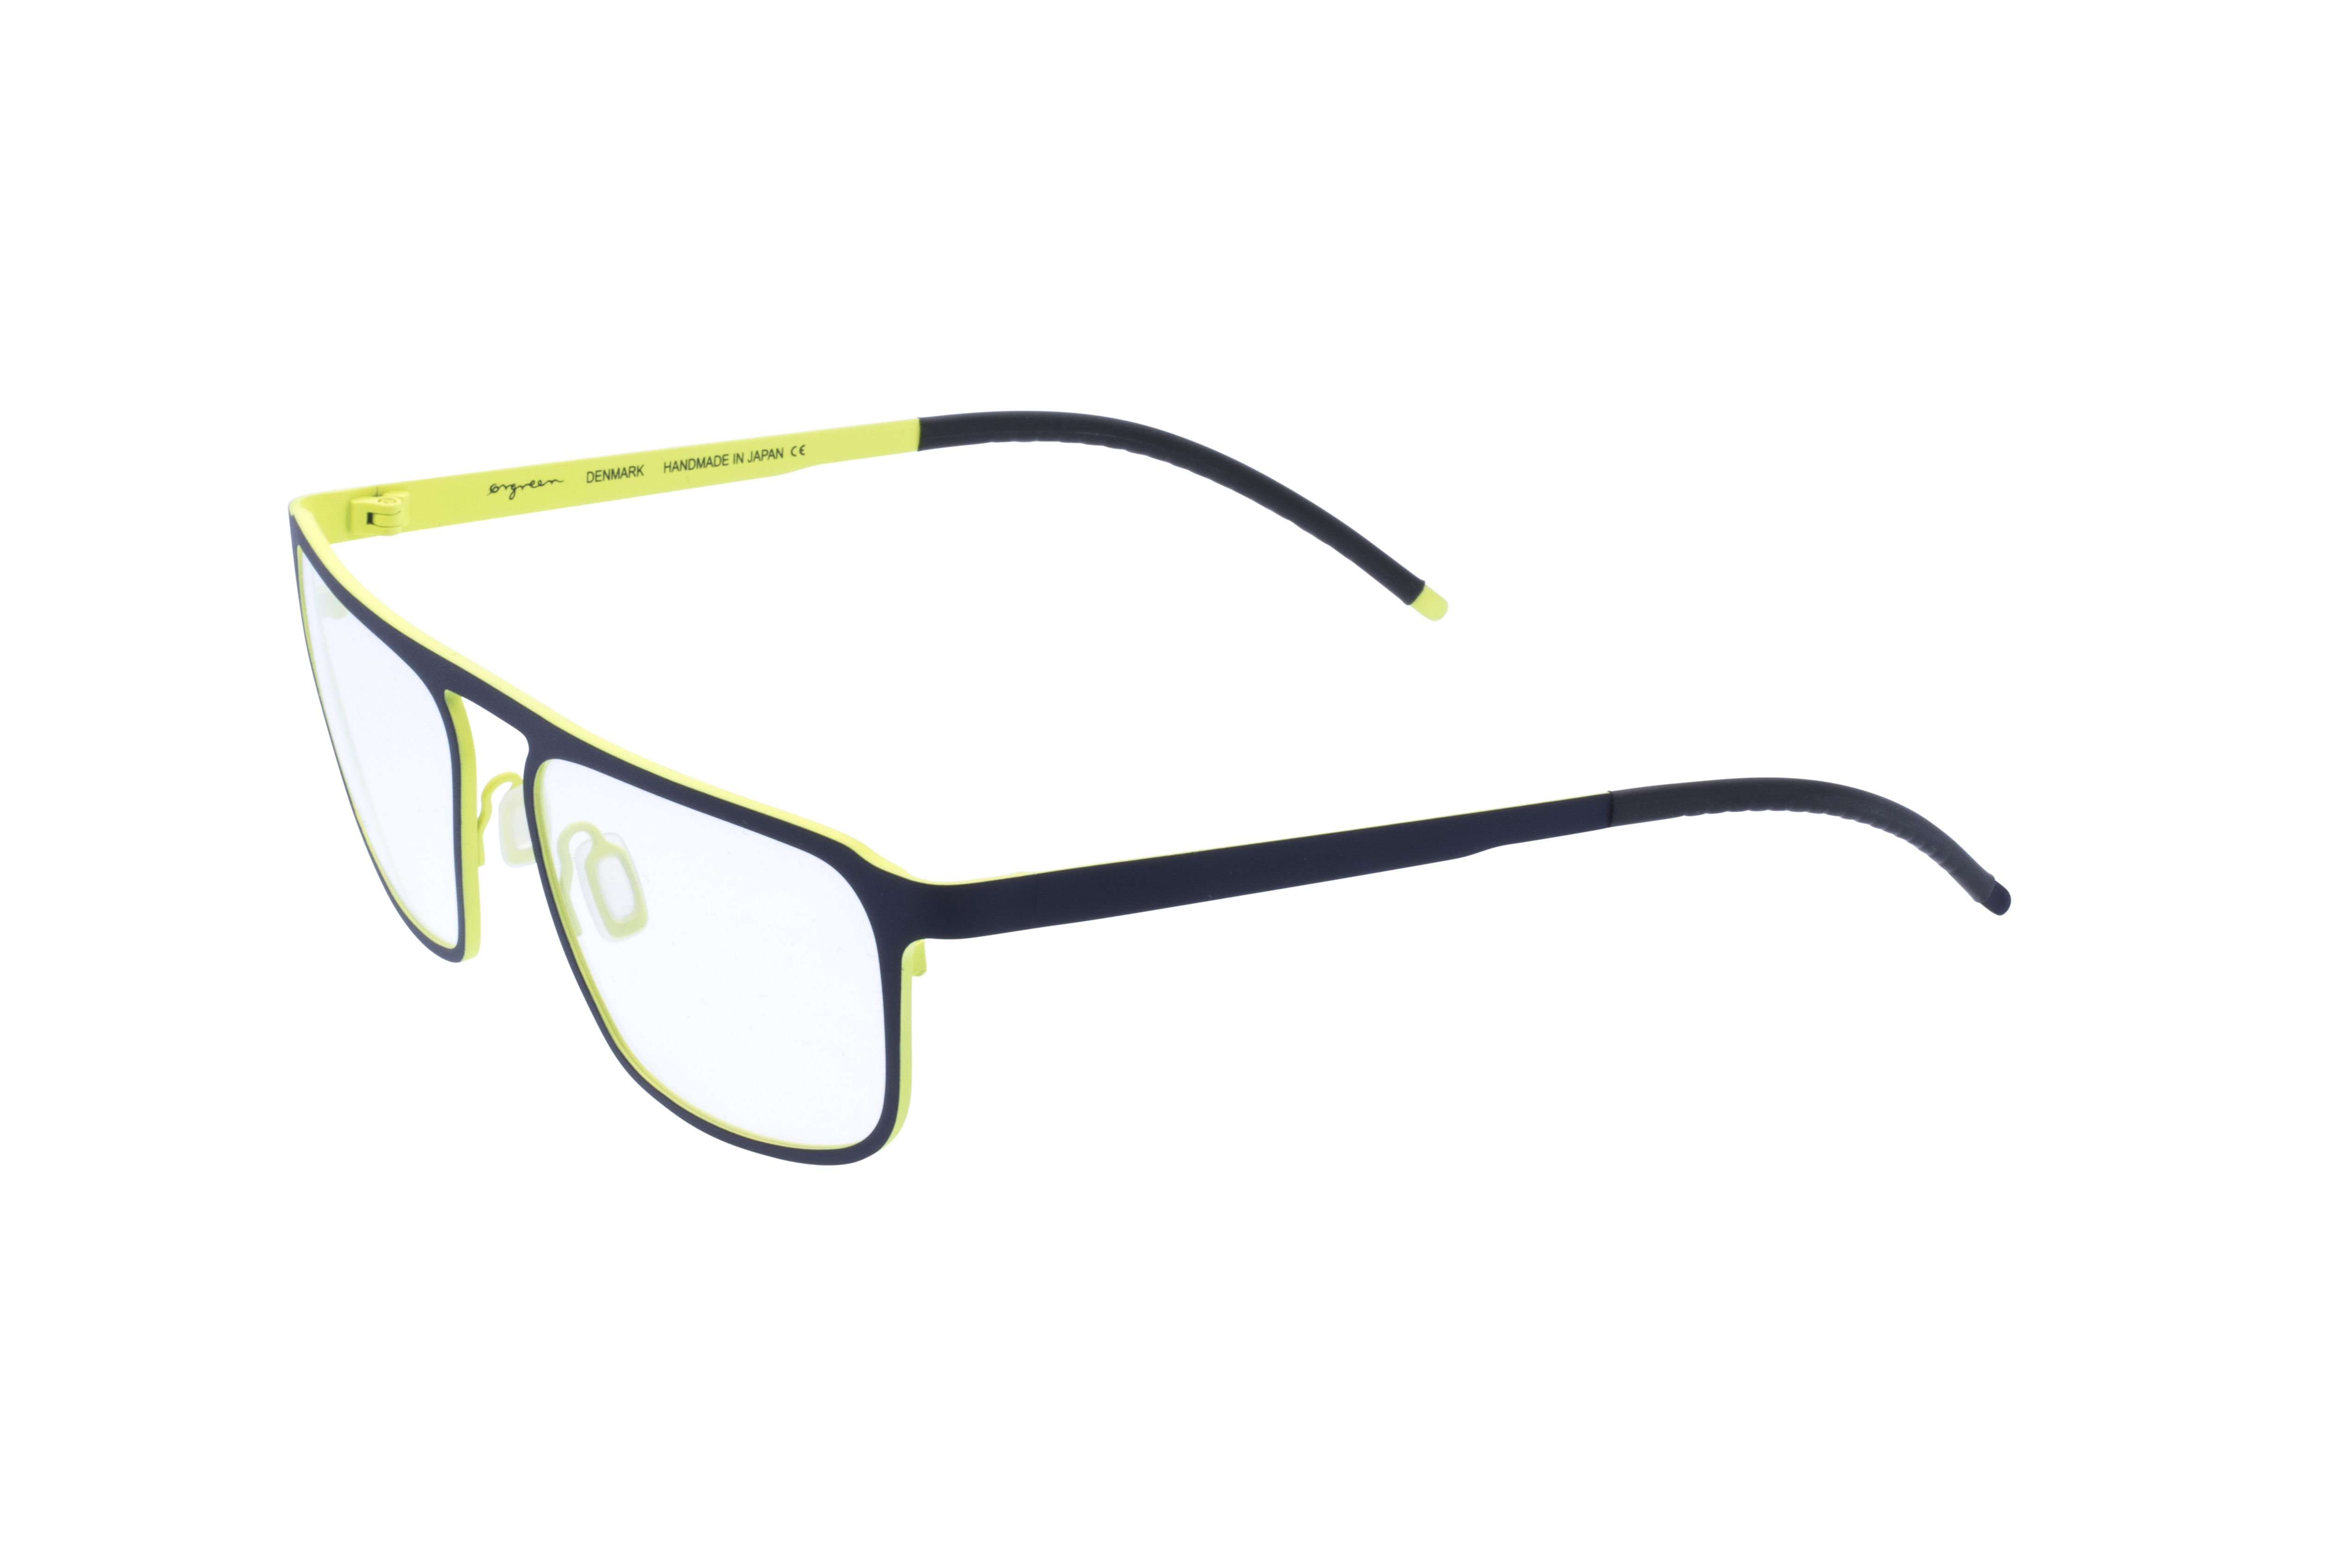 360 Grad Ansicht 20 Orgreen Crow, Brille auf Weiß - Fassung bei KUNK